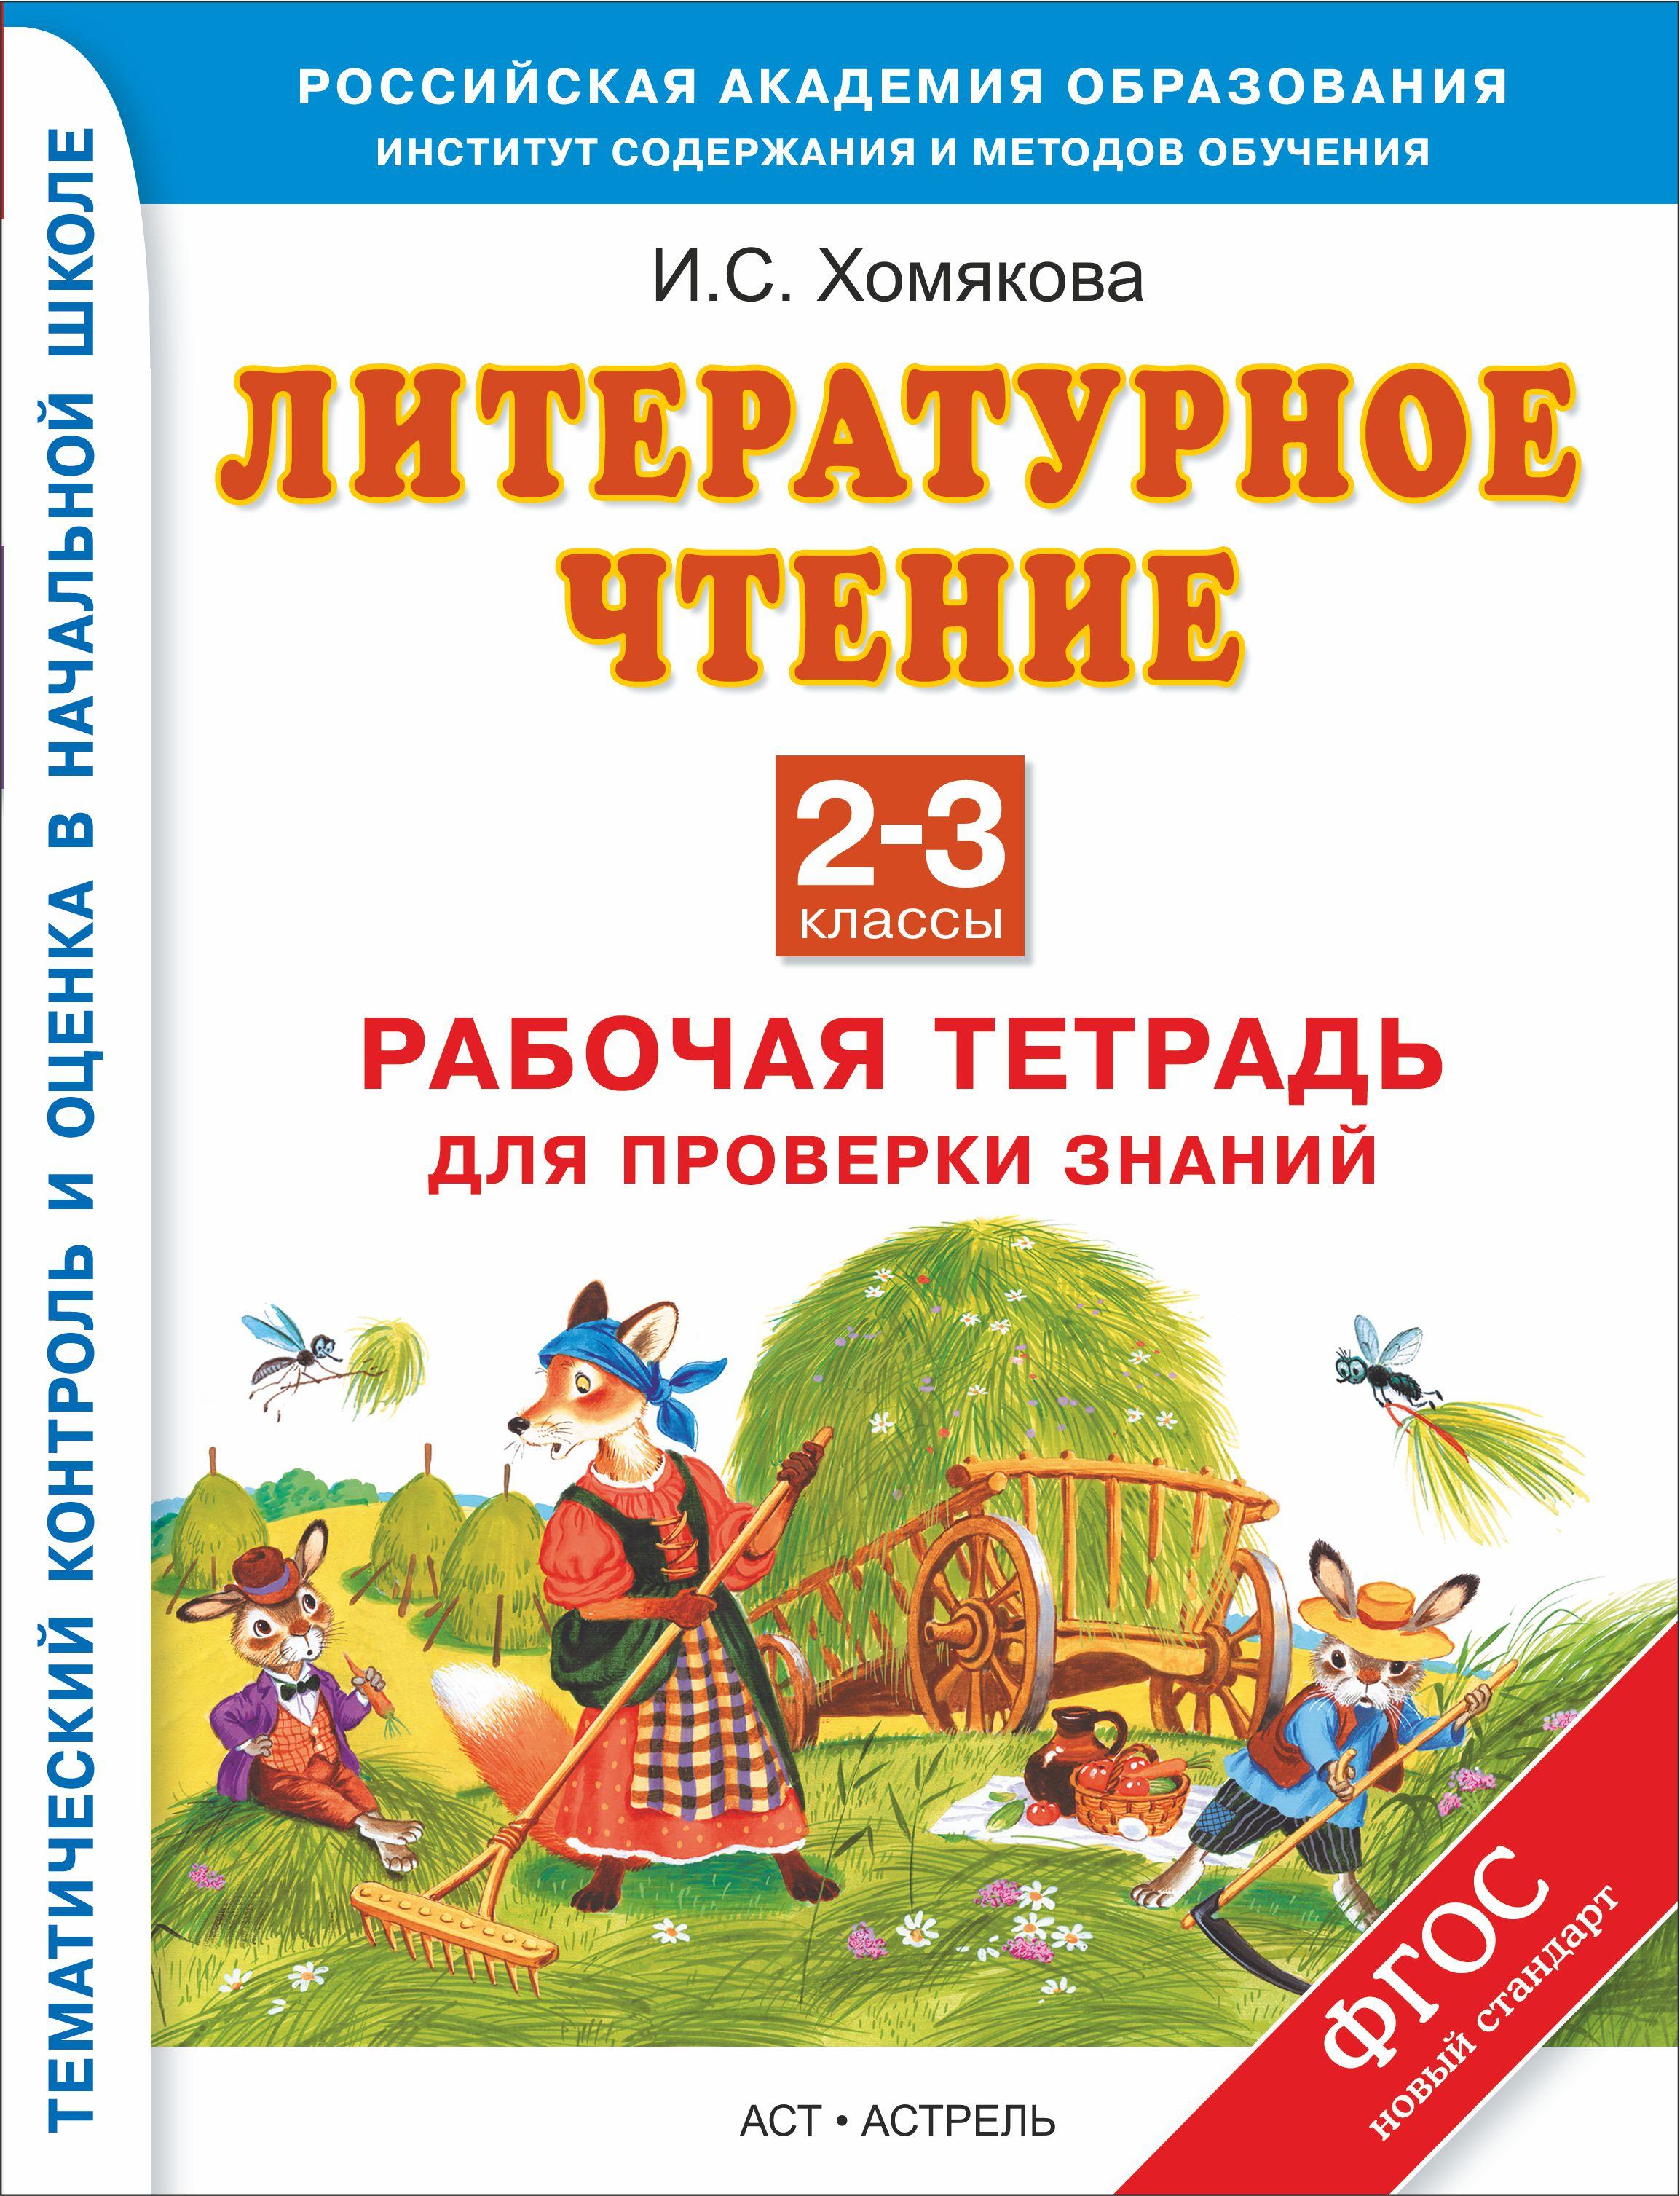 Хомякова И.С. Литературное чтение. 2–3 классы. Рабочая тетрадь для проверки знаний и с хомякова литературное чтение рабочая тетрадь для проверки знаний 3 4 классы